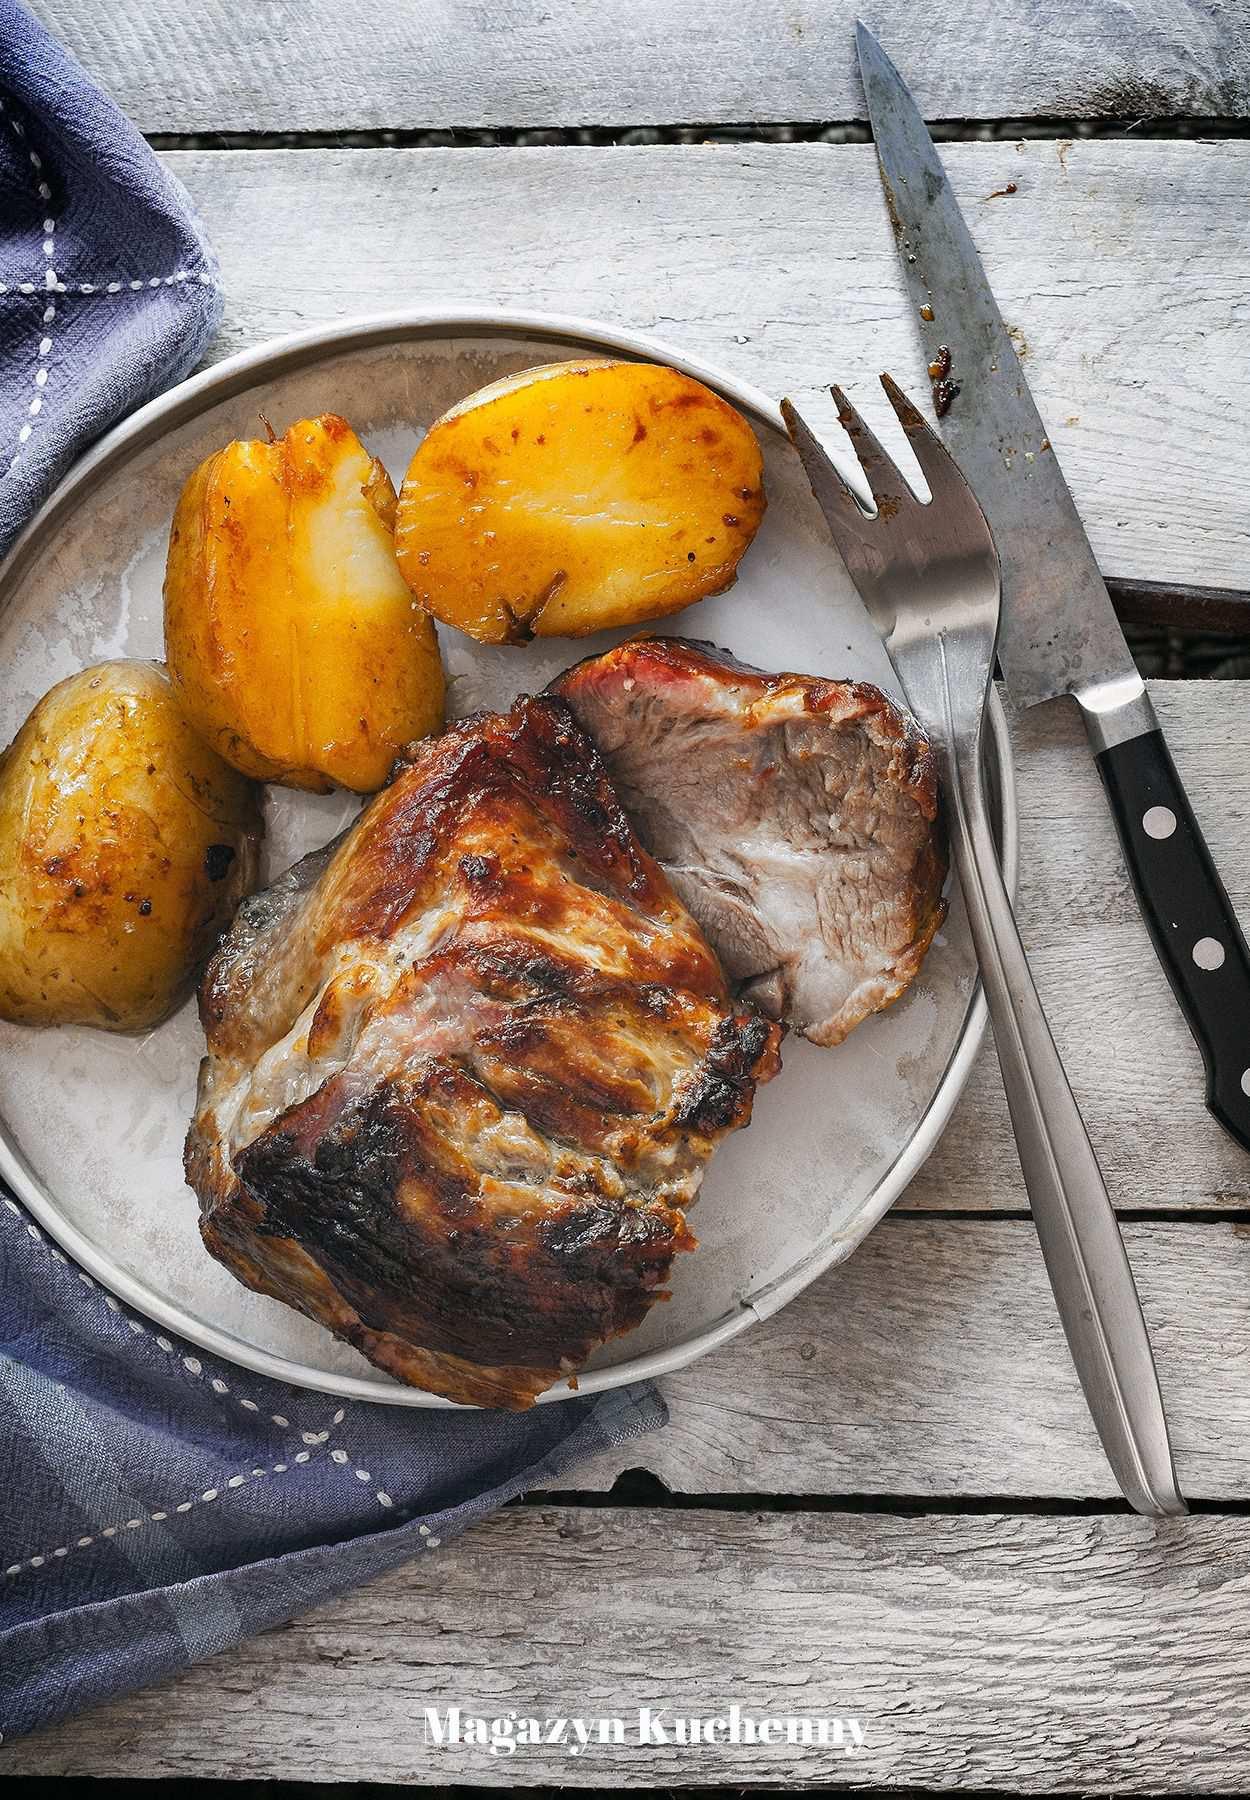 Pieczona karkówka z cydrem i ziemniakami. Karkówka pieczona z solanki.